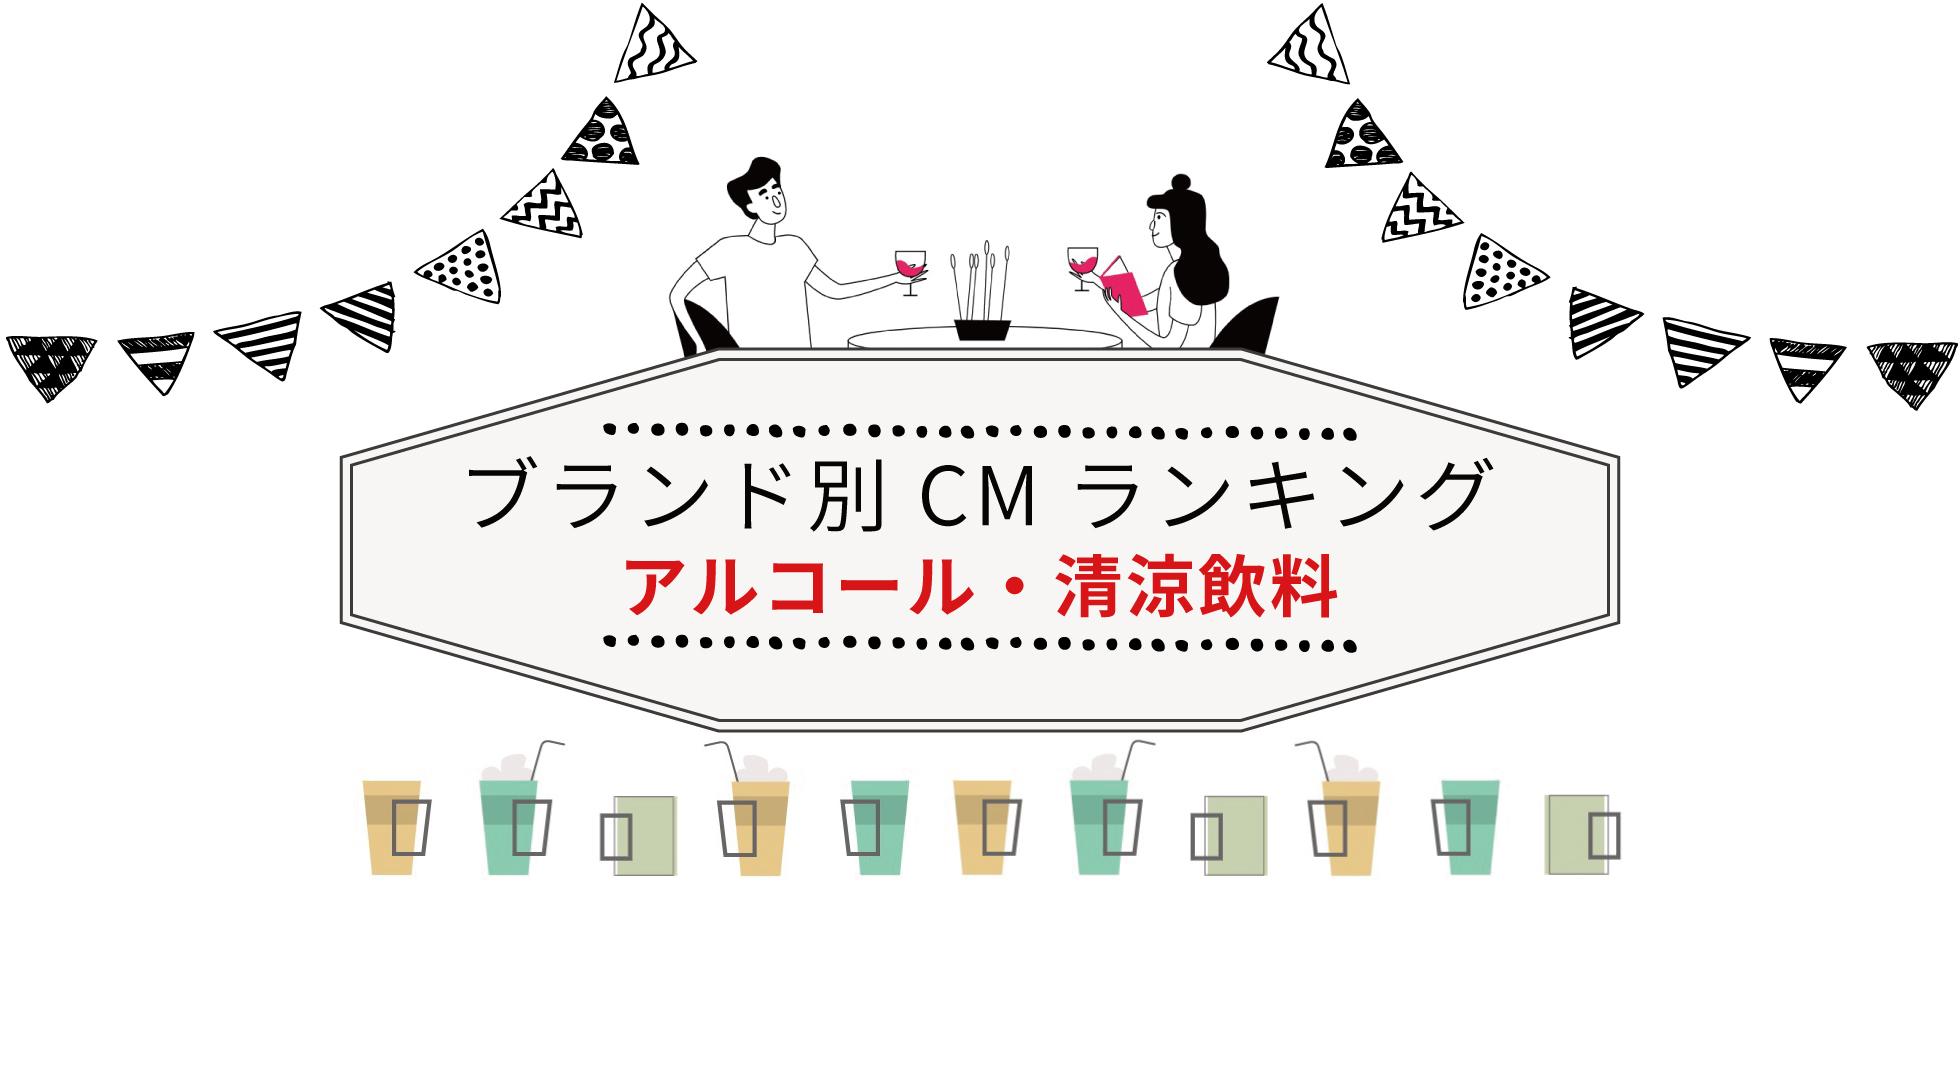 ブランド別 CM視聴質ランキング(アルコール/清涼飲料)